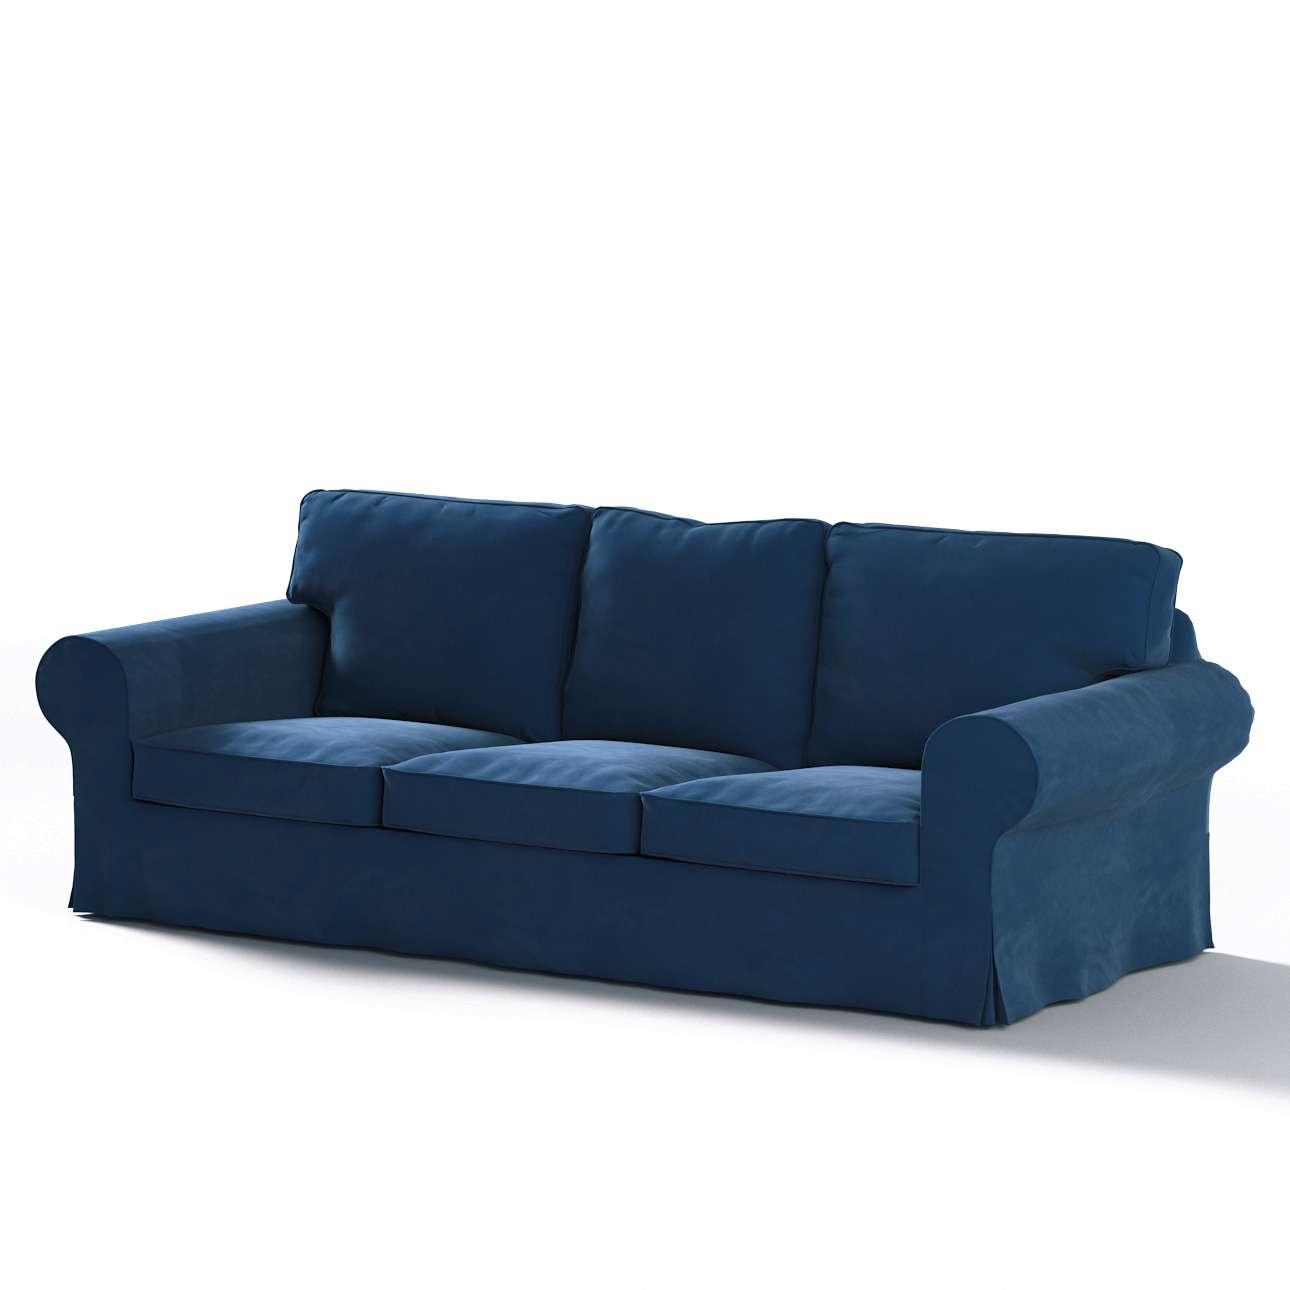 Ektorp 3 Seater Sofa Cover Navy Blue 704 29 Dekoria